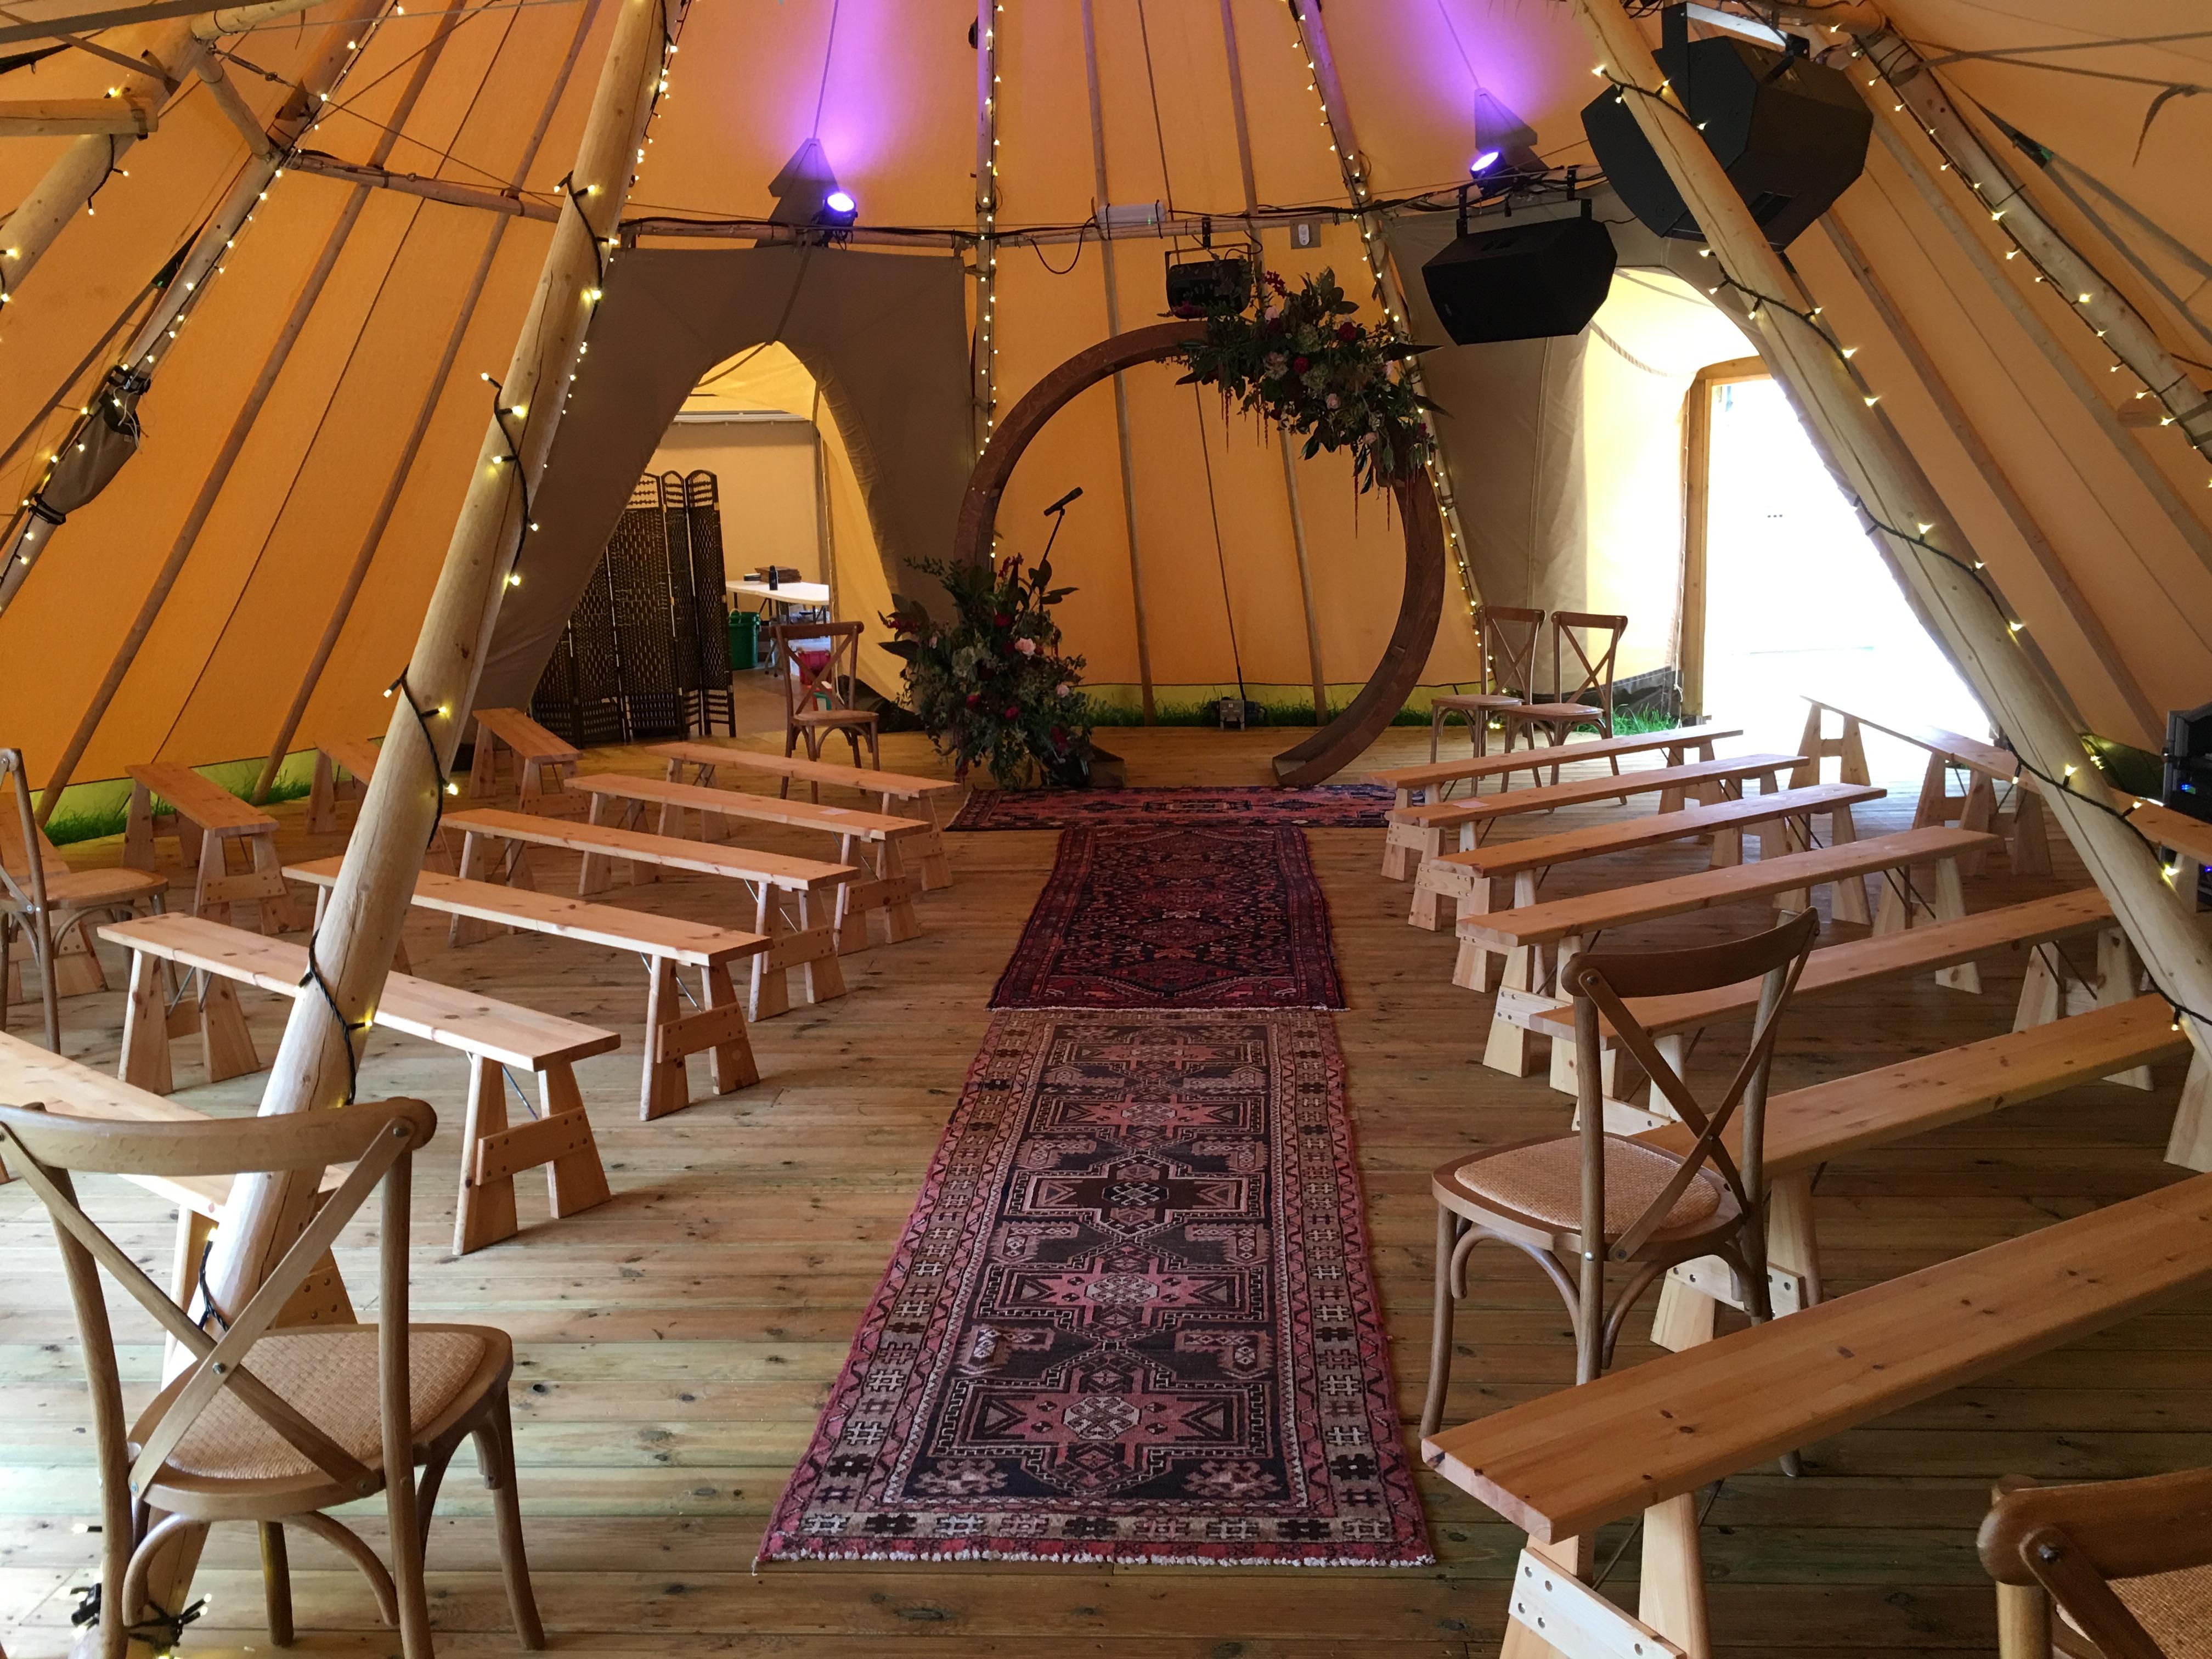 Tipi ceremony indoor